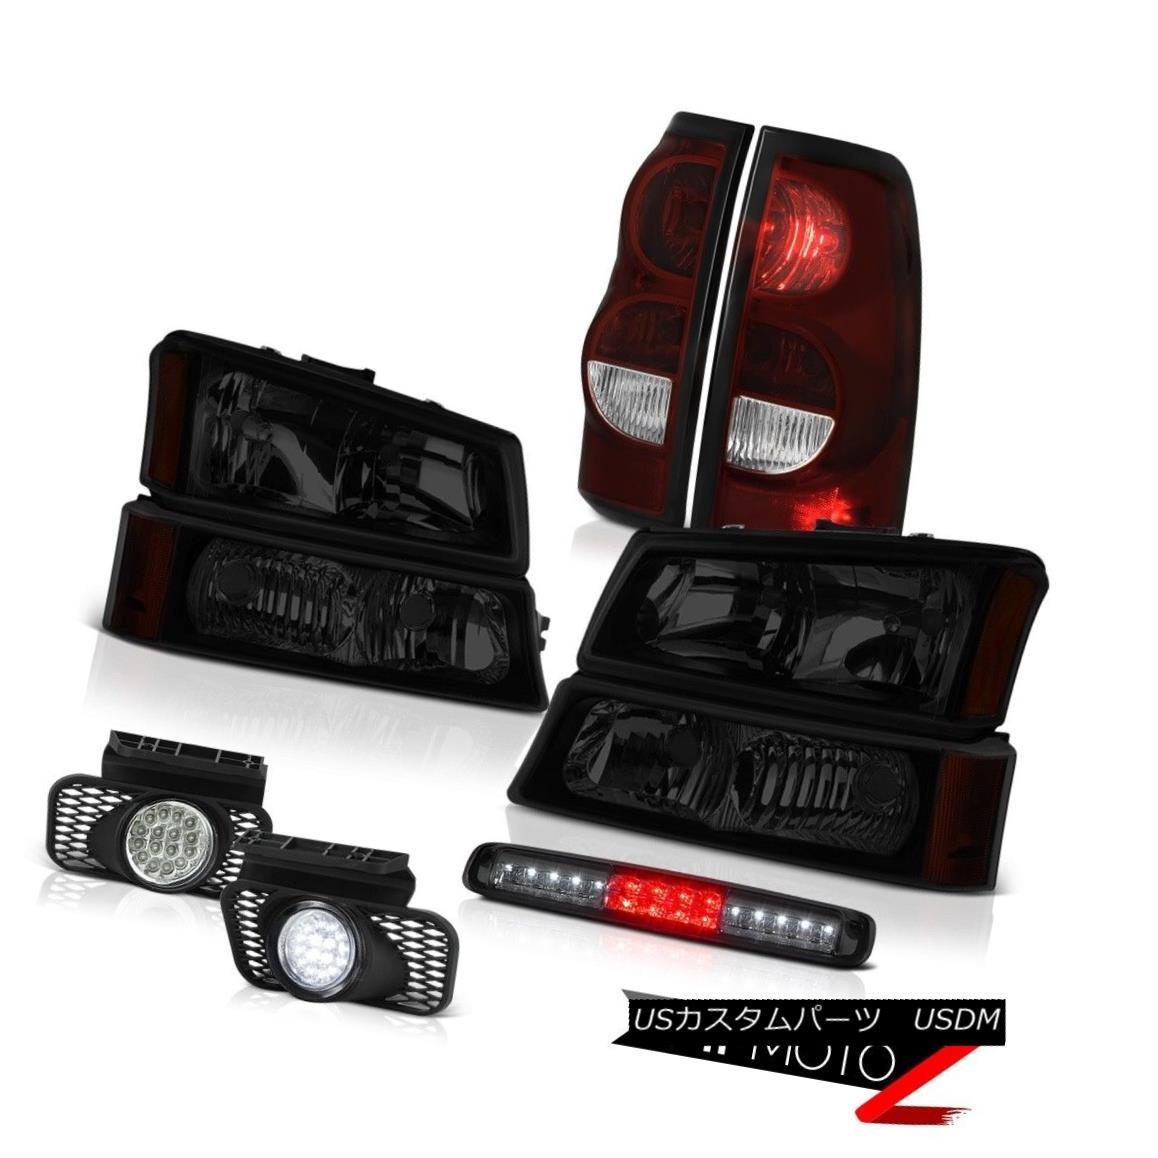 テールライト 2003-2006 Silverado Roof Brake Light Fog Lights Parking Headlights LED Assembly 2003年 - 2006年シルラードルーフブレーキライトフォグライトパーキングヘッドライトLEDアセンブリ